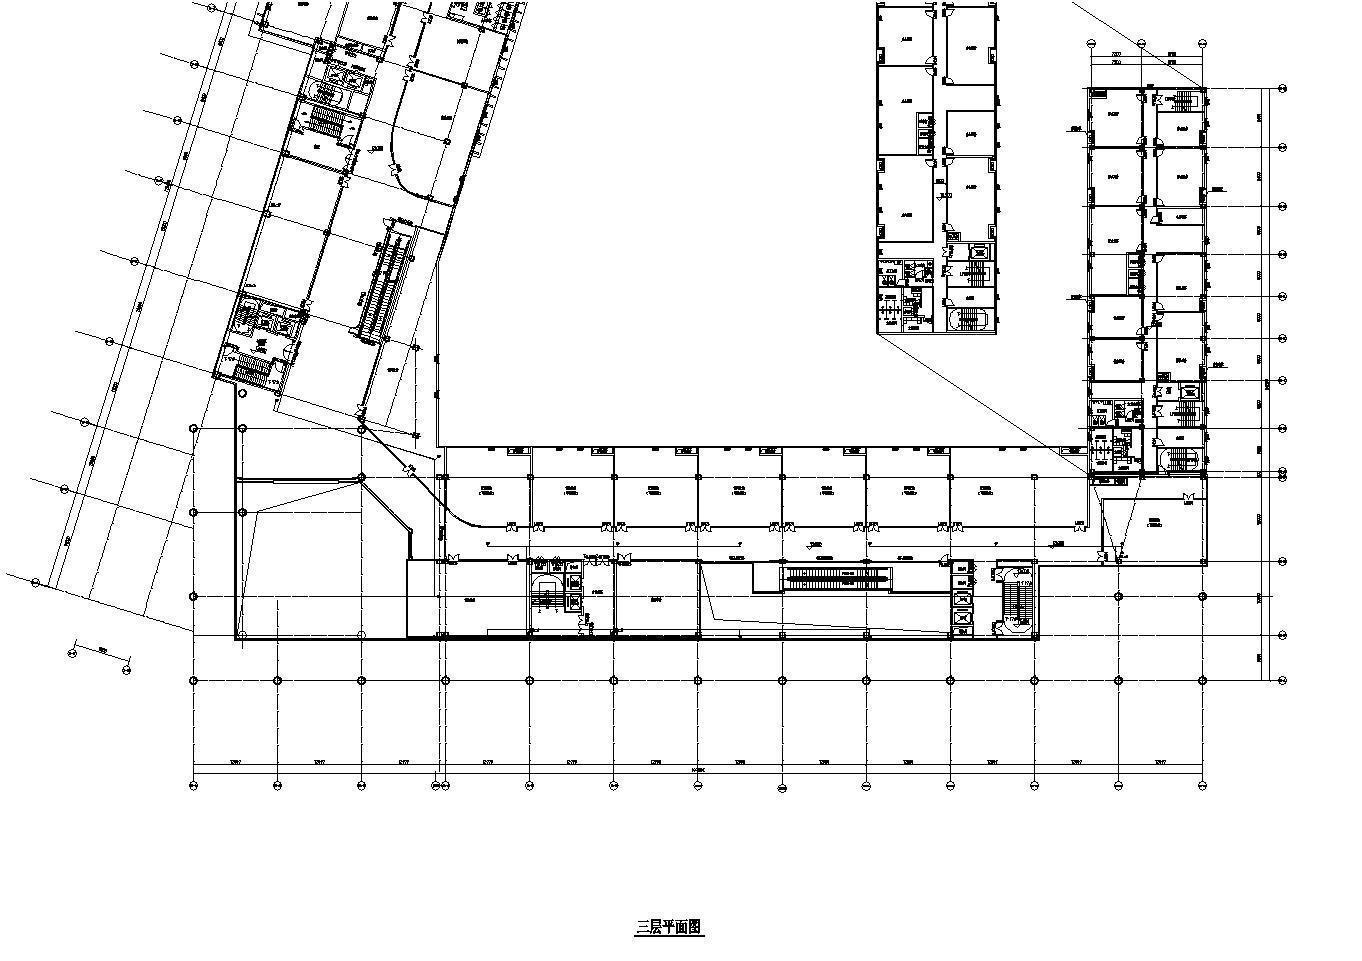 汽车站虹吸排水设计